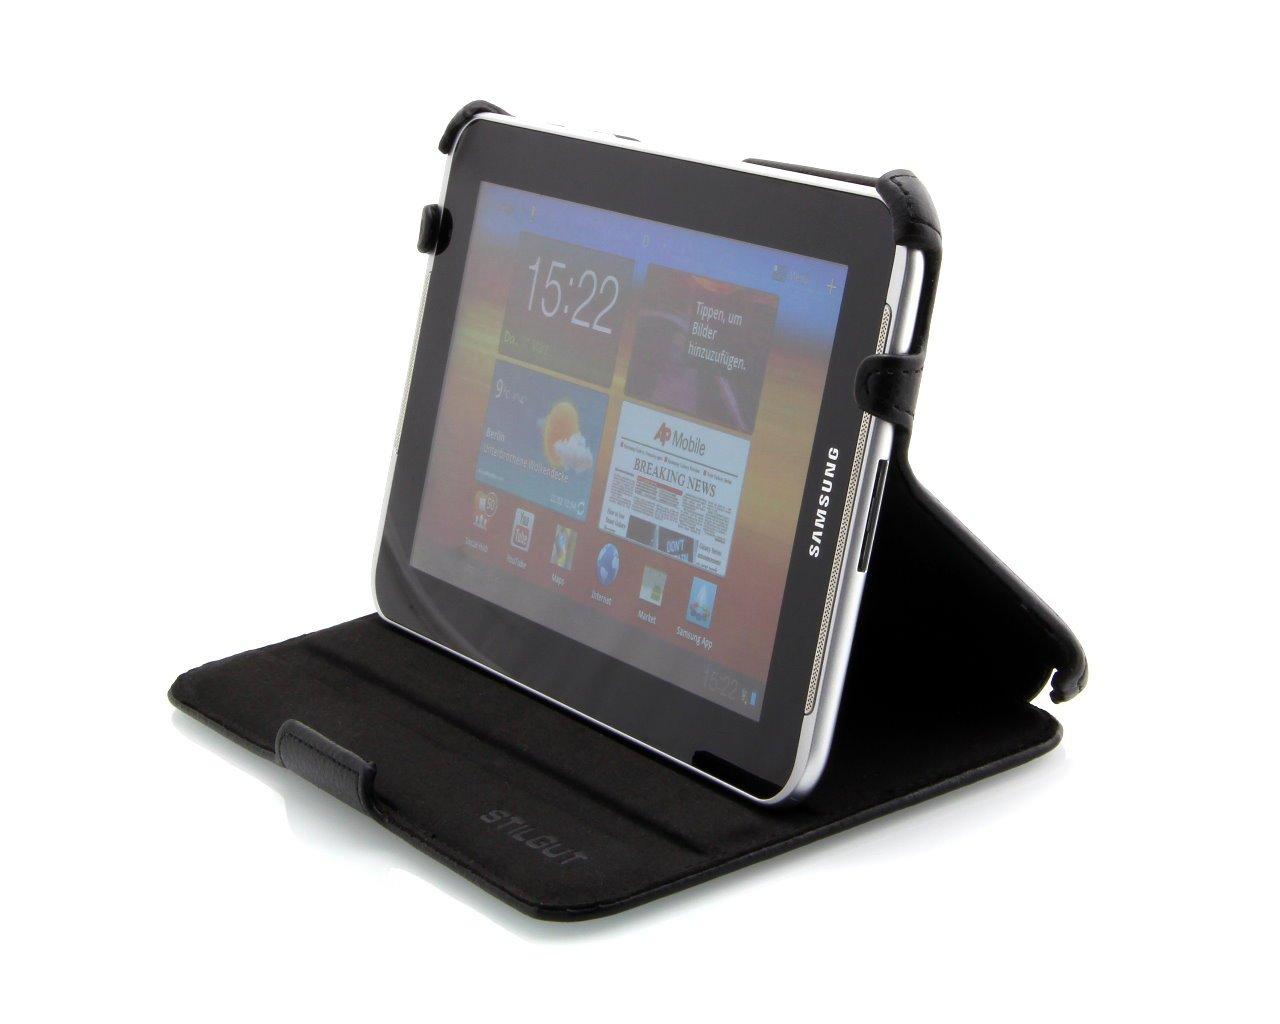 StilGut UltraSlim Case, Funda con Funcion de Soporte para el Original Samsung Galaxy Tab 2 7.0, Negro